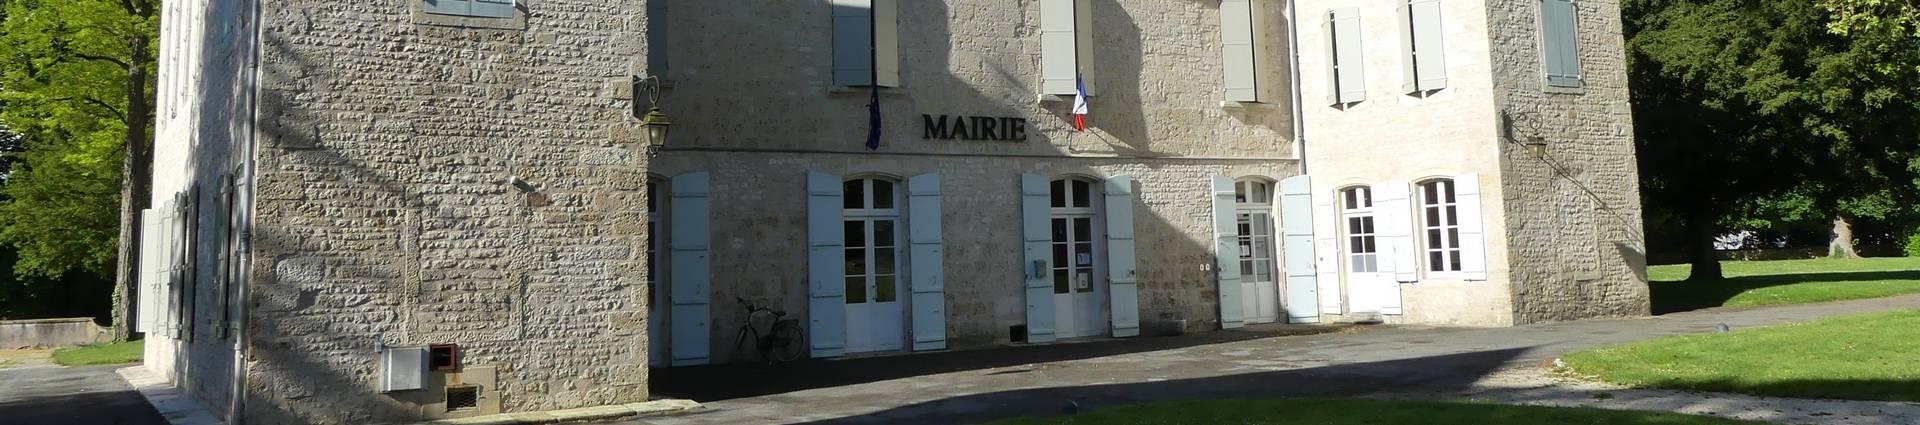 Contacter la Mairie